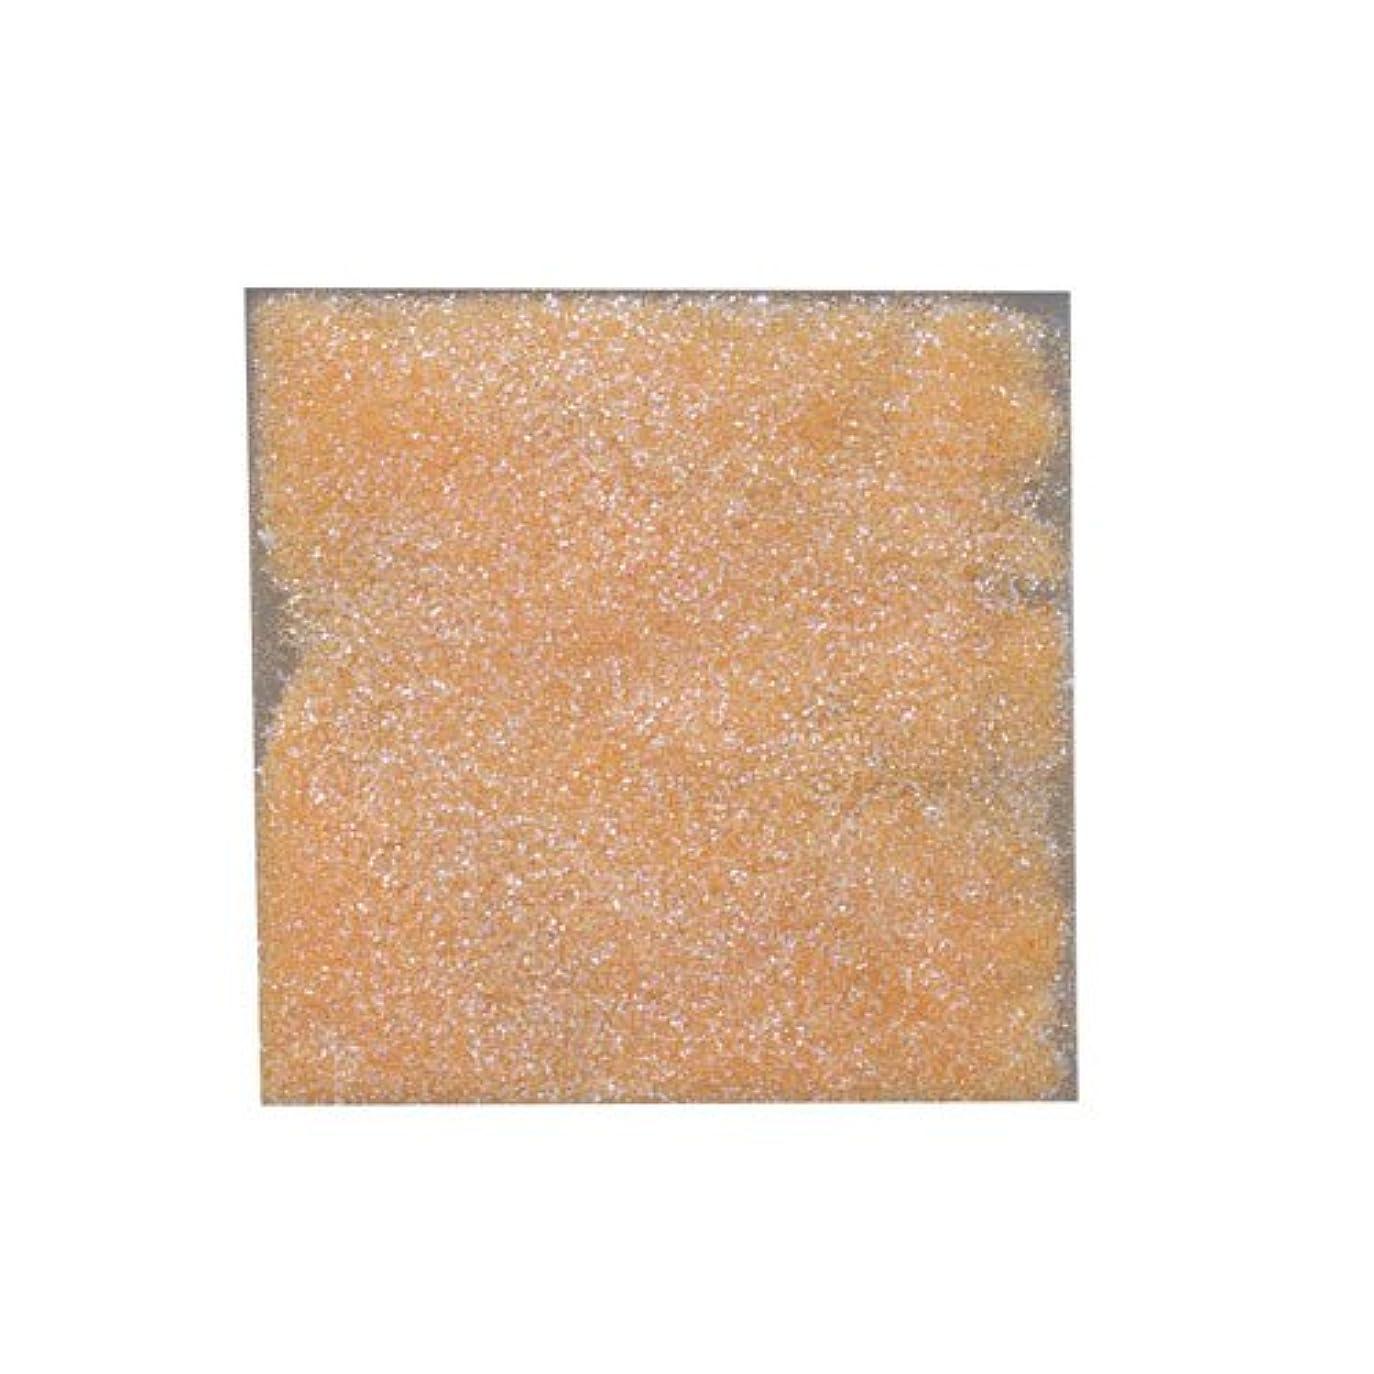 ボリュームロードブロッキング病んでいるピカエース ネイル用パウダー ラメカラーオーロラB 耐溶剤 S #532 オレンジ 0.7g